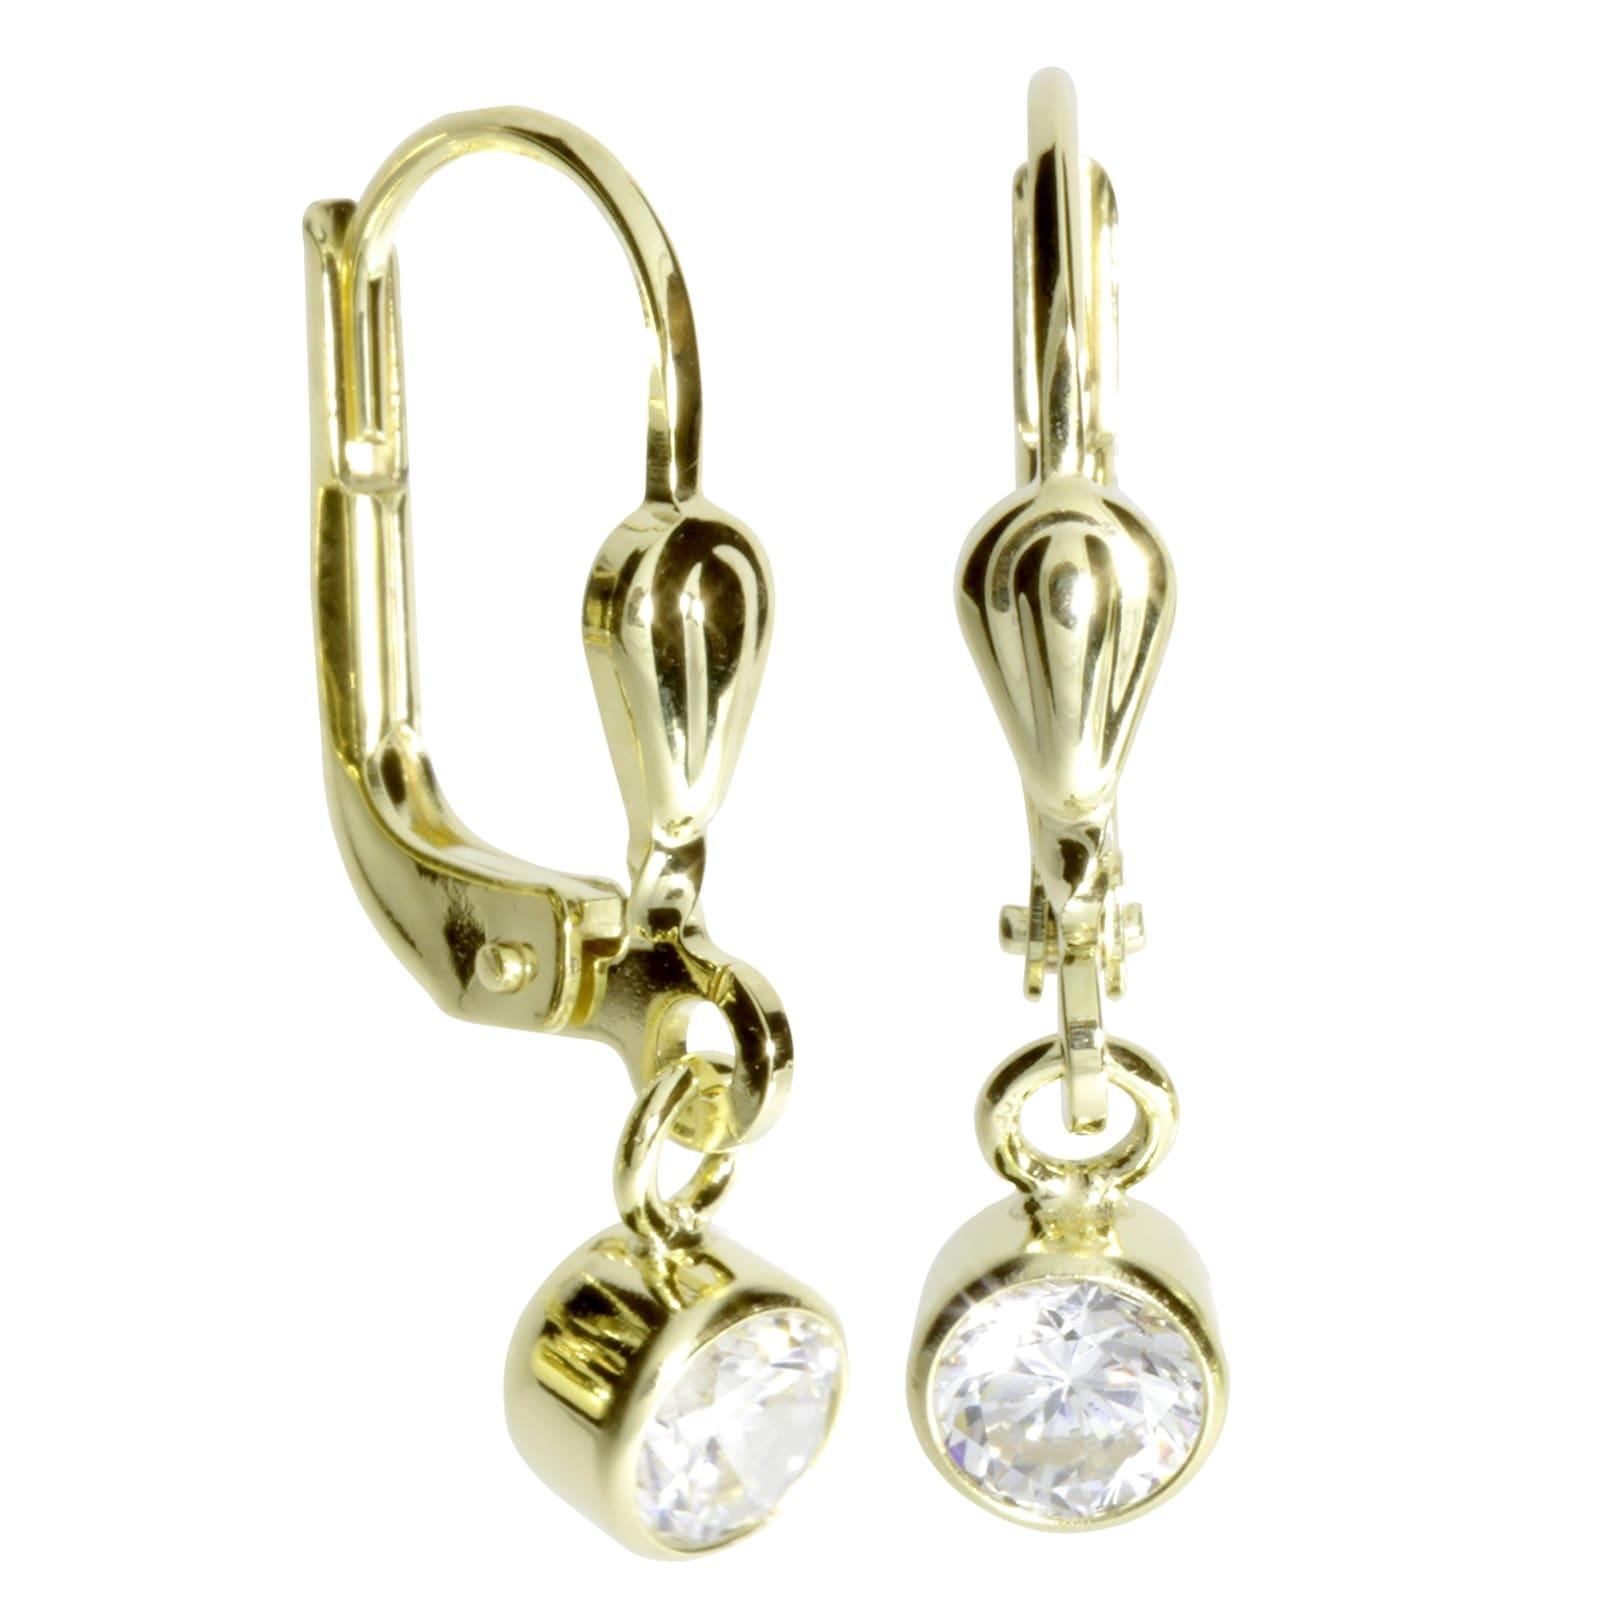 OSTSEE-SCHMUCK Paar Ohrhänger - Anna 4 mm - Gold 333/000 - Zirkonia, (2 tlg günstig online kaufen